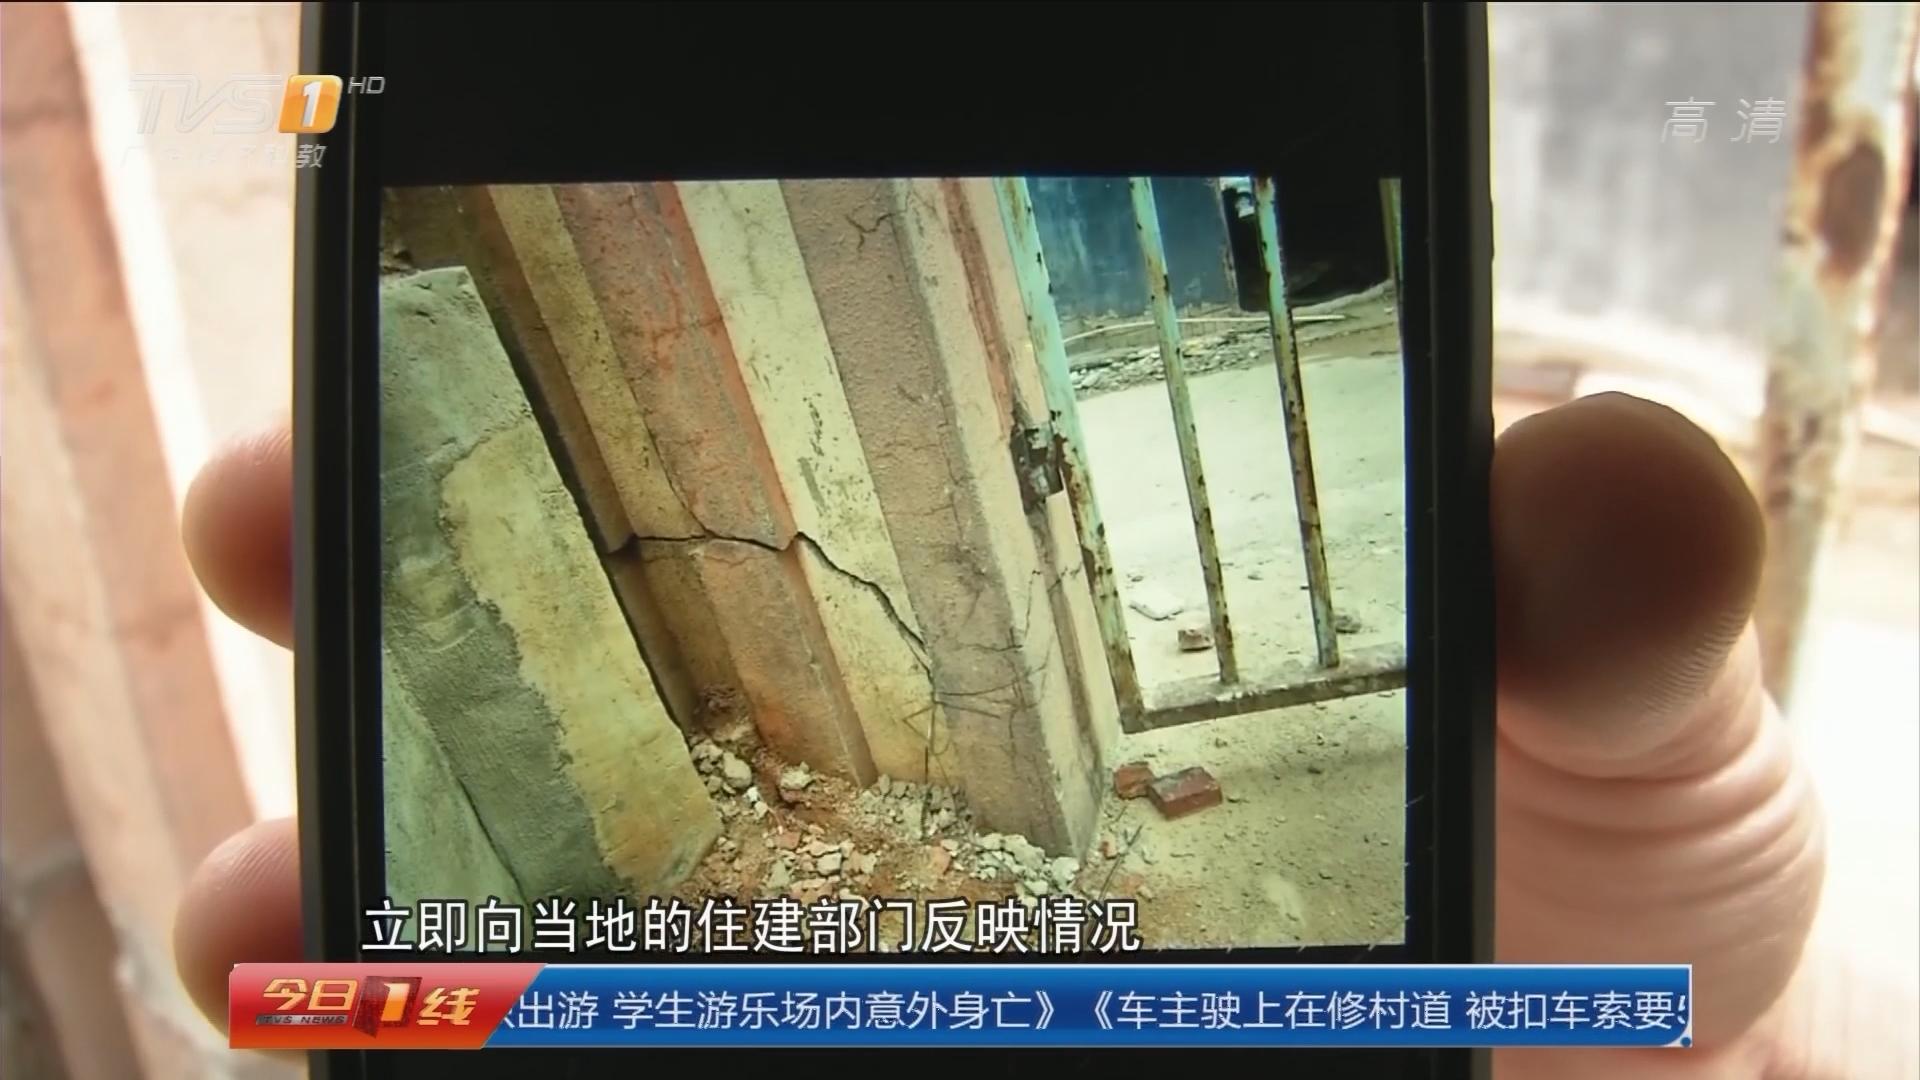 深圳龙华风和日丽小区:旁边项目爆破 致多处楼房出现裂痕